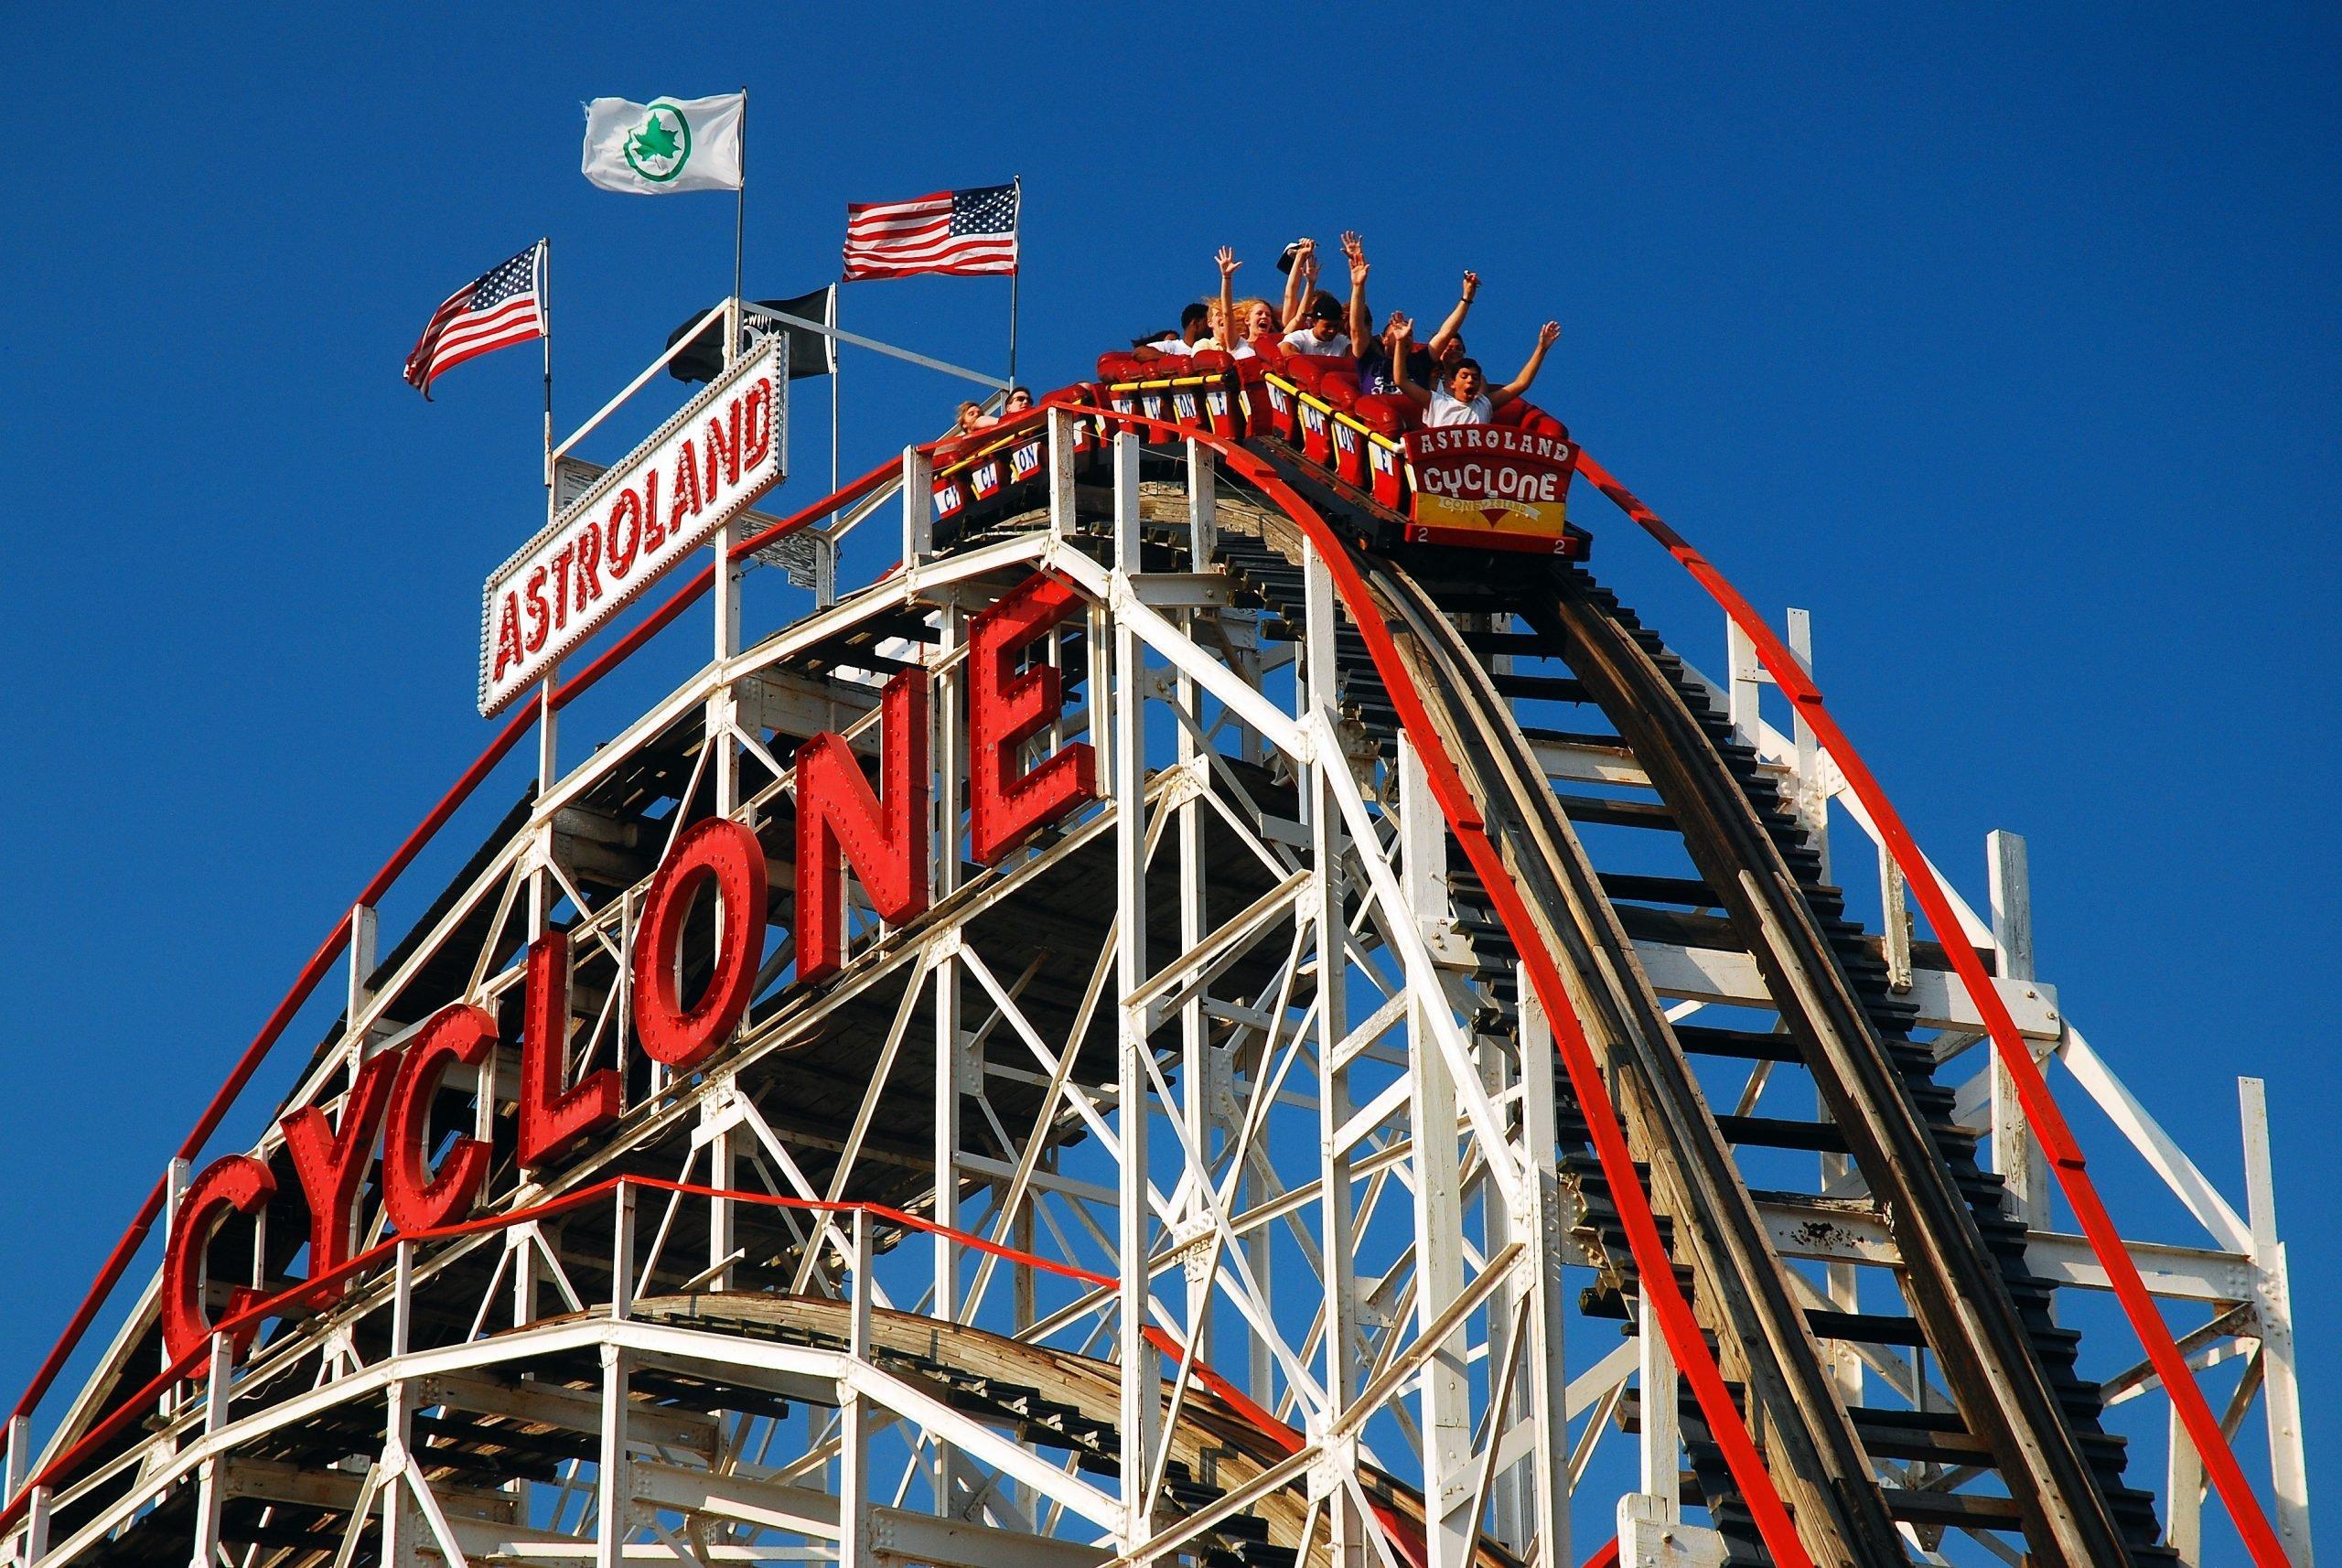 Seriously Dangerous Amusement Park Rides Reader S Digest